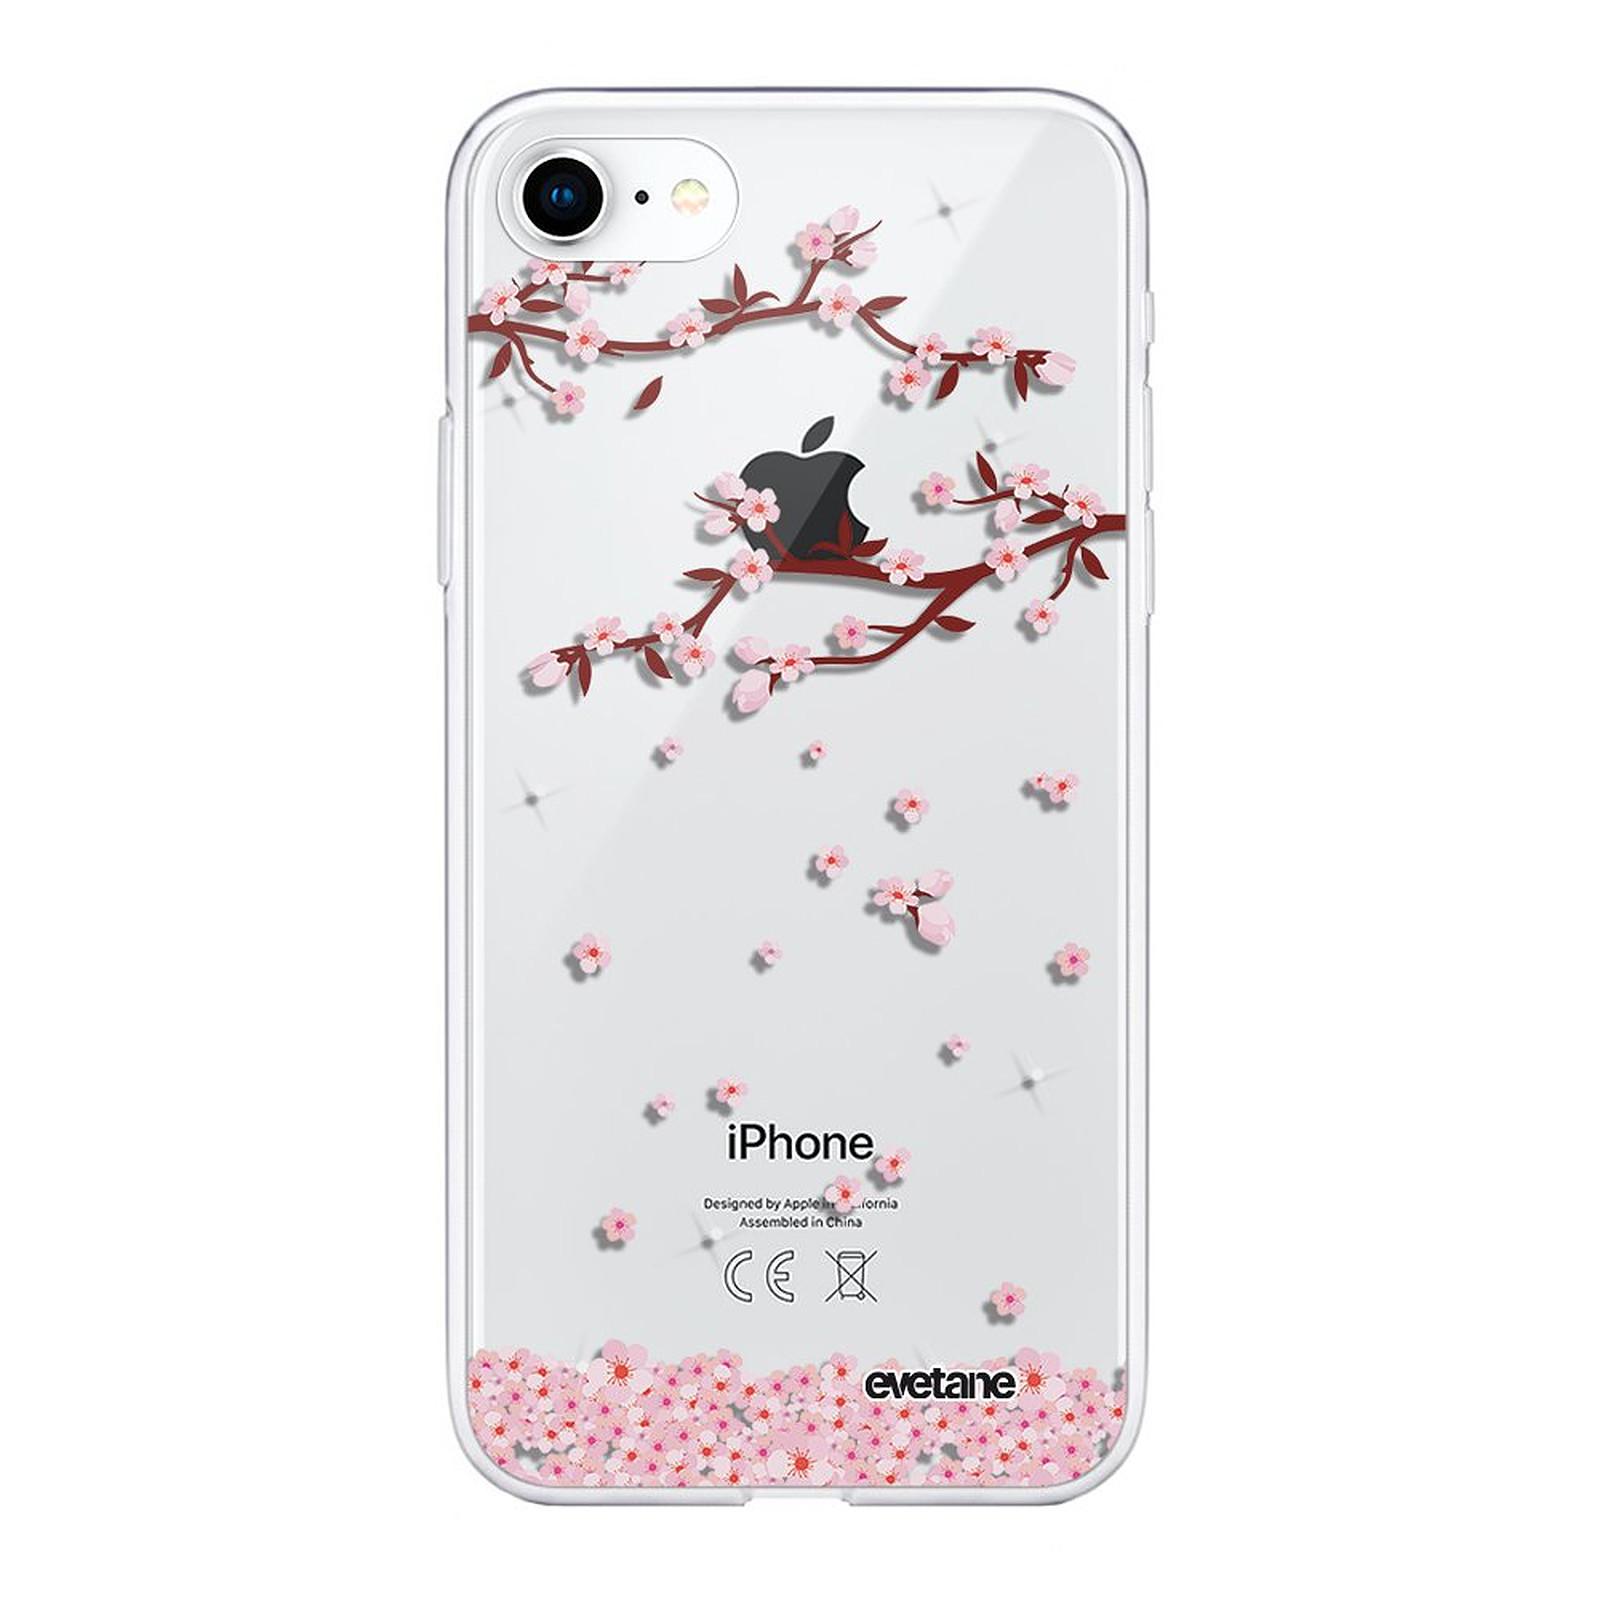 EVETANE Coque iPhone 7/8/ iPhone SE 2020 360 intégrale transparente Chute De Fleurs Tendance - Coque téléphone Evetane sur LDLC